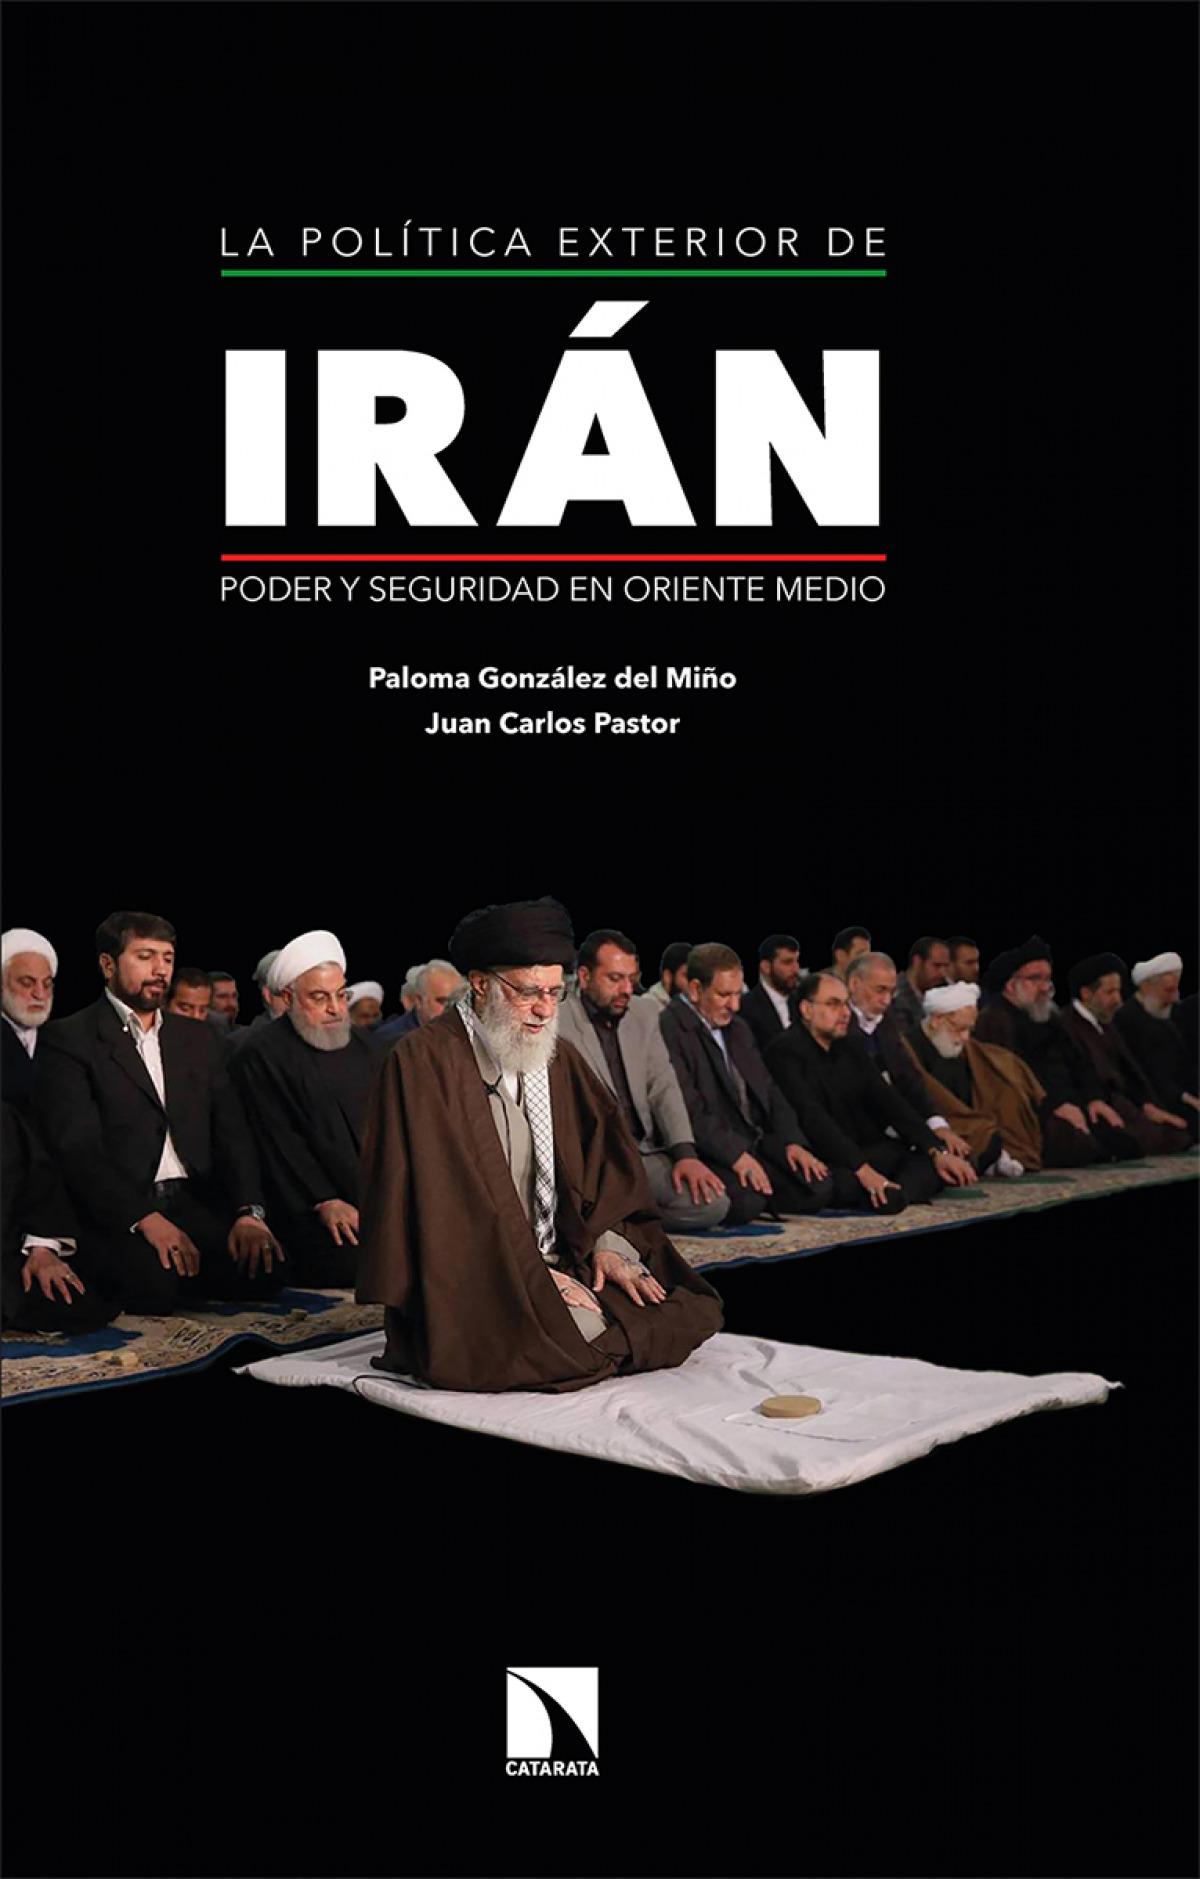 La pol¡tica exterior de Irán